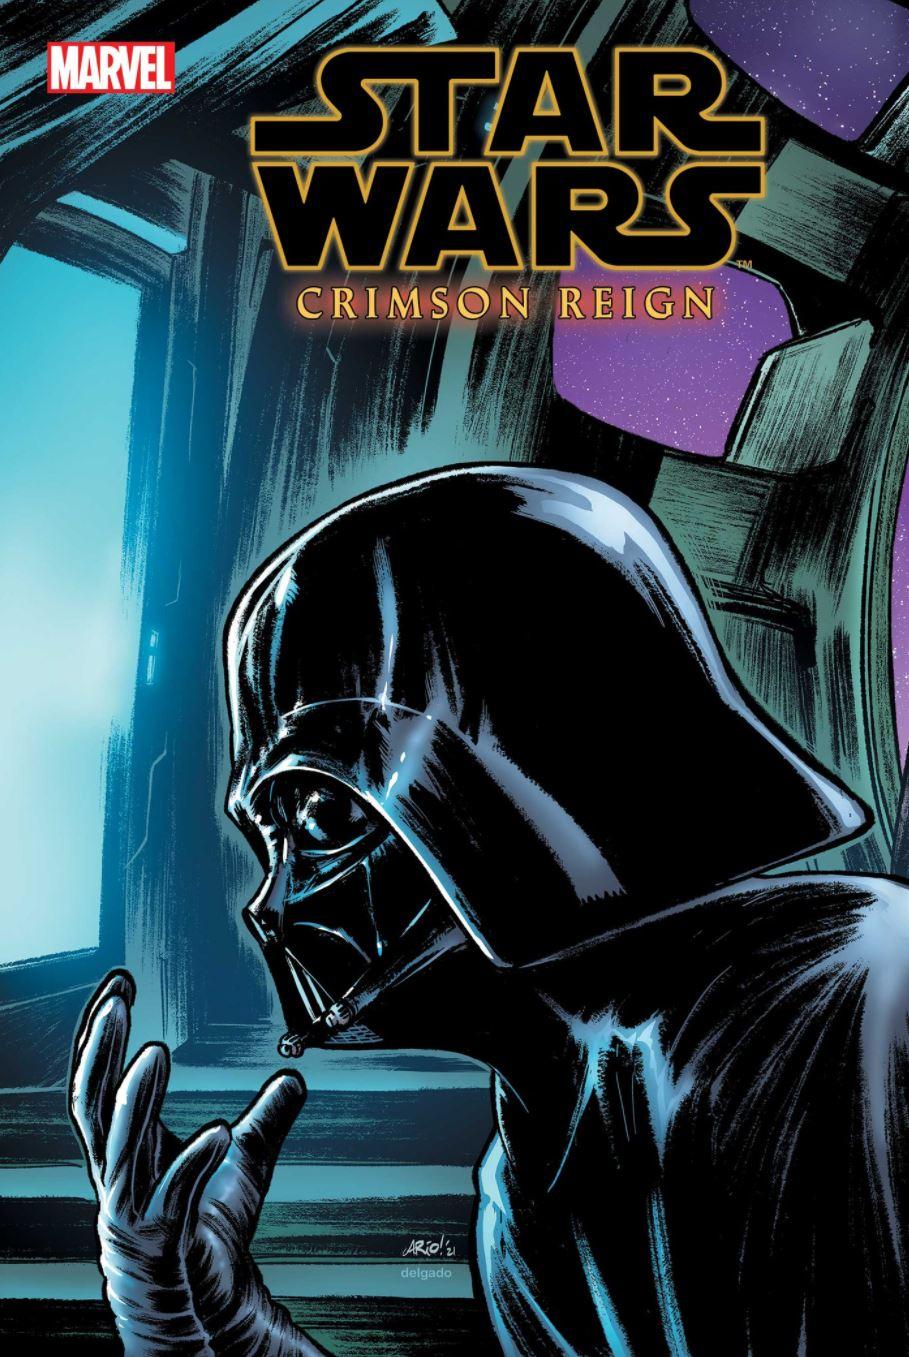 Star Wars: Crimson Reign - Marvel US Criwso12